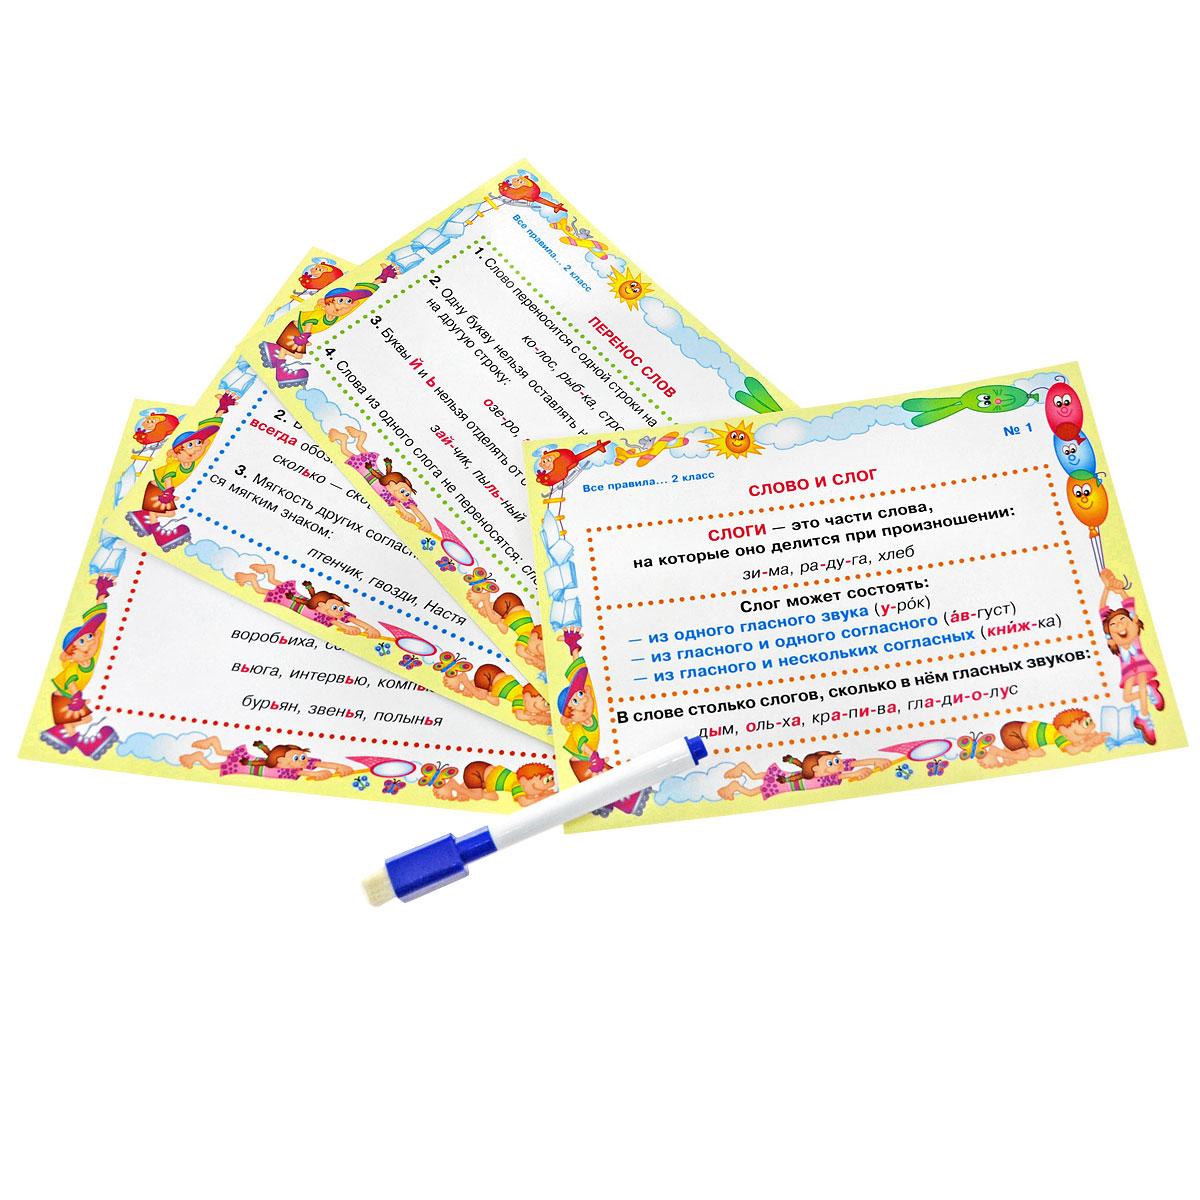 Русский язык. 2 класс. Все правила учебной программы (набор из 16 карточек)